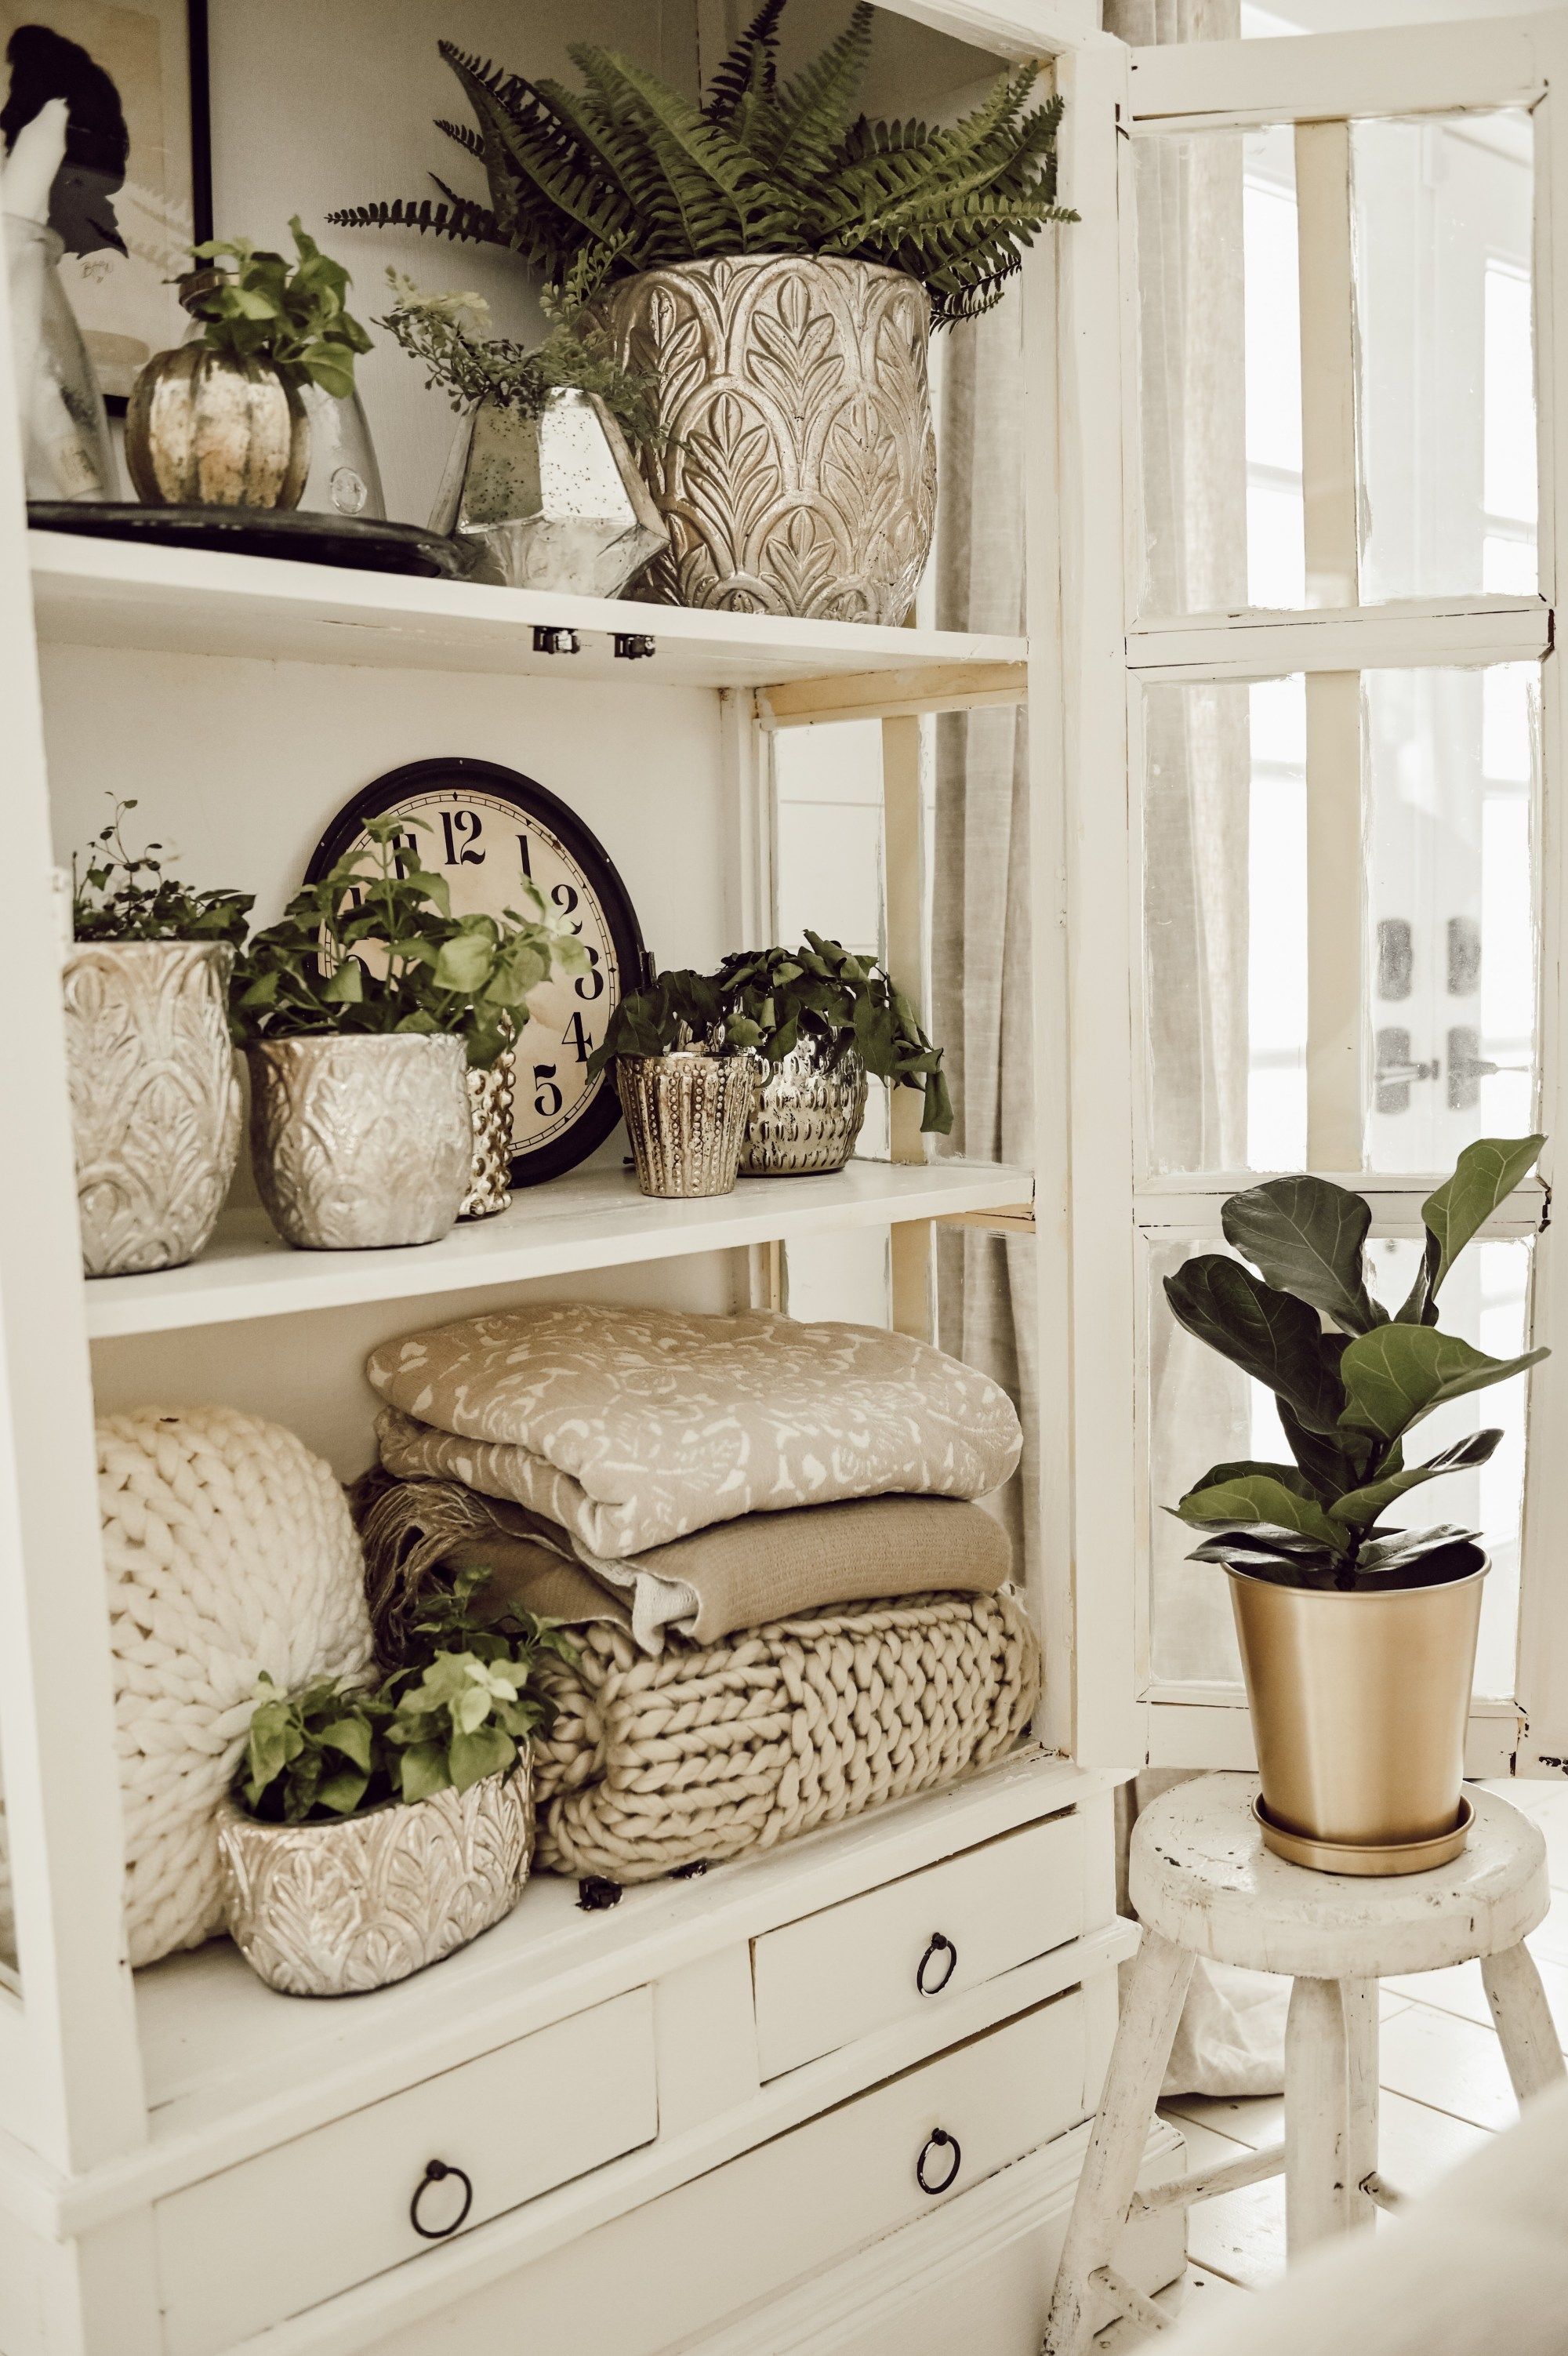 Styling Shelves 101 Three Basic Shelf Styling Tips Home Decor Bookcase Decor Decor